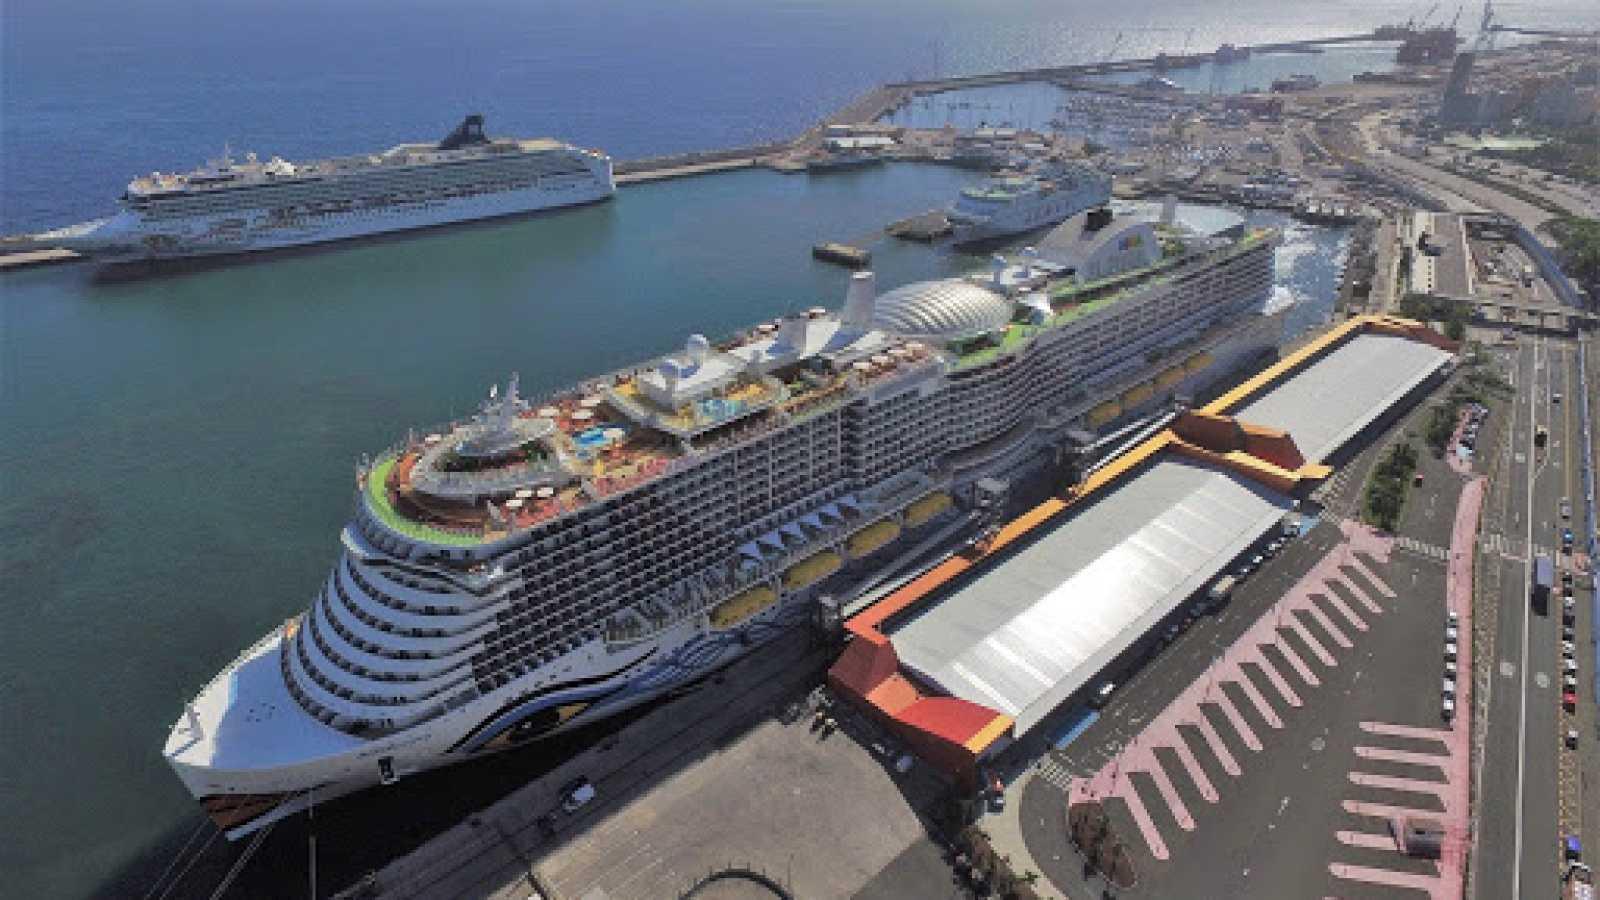 Españoles en la mar - Reconstrucción del turismo de cruceros - 30/10/20 - escuchar ahora